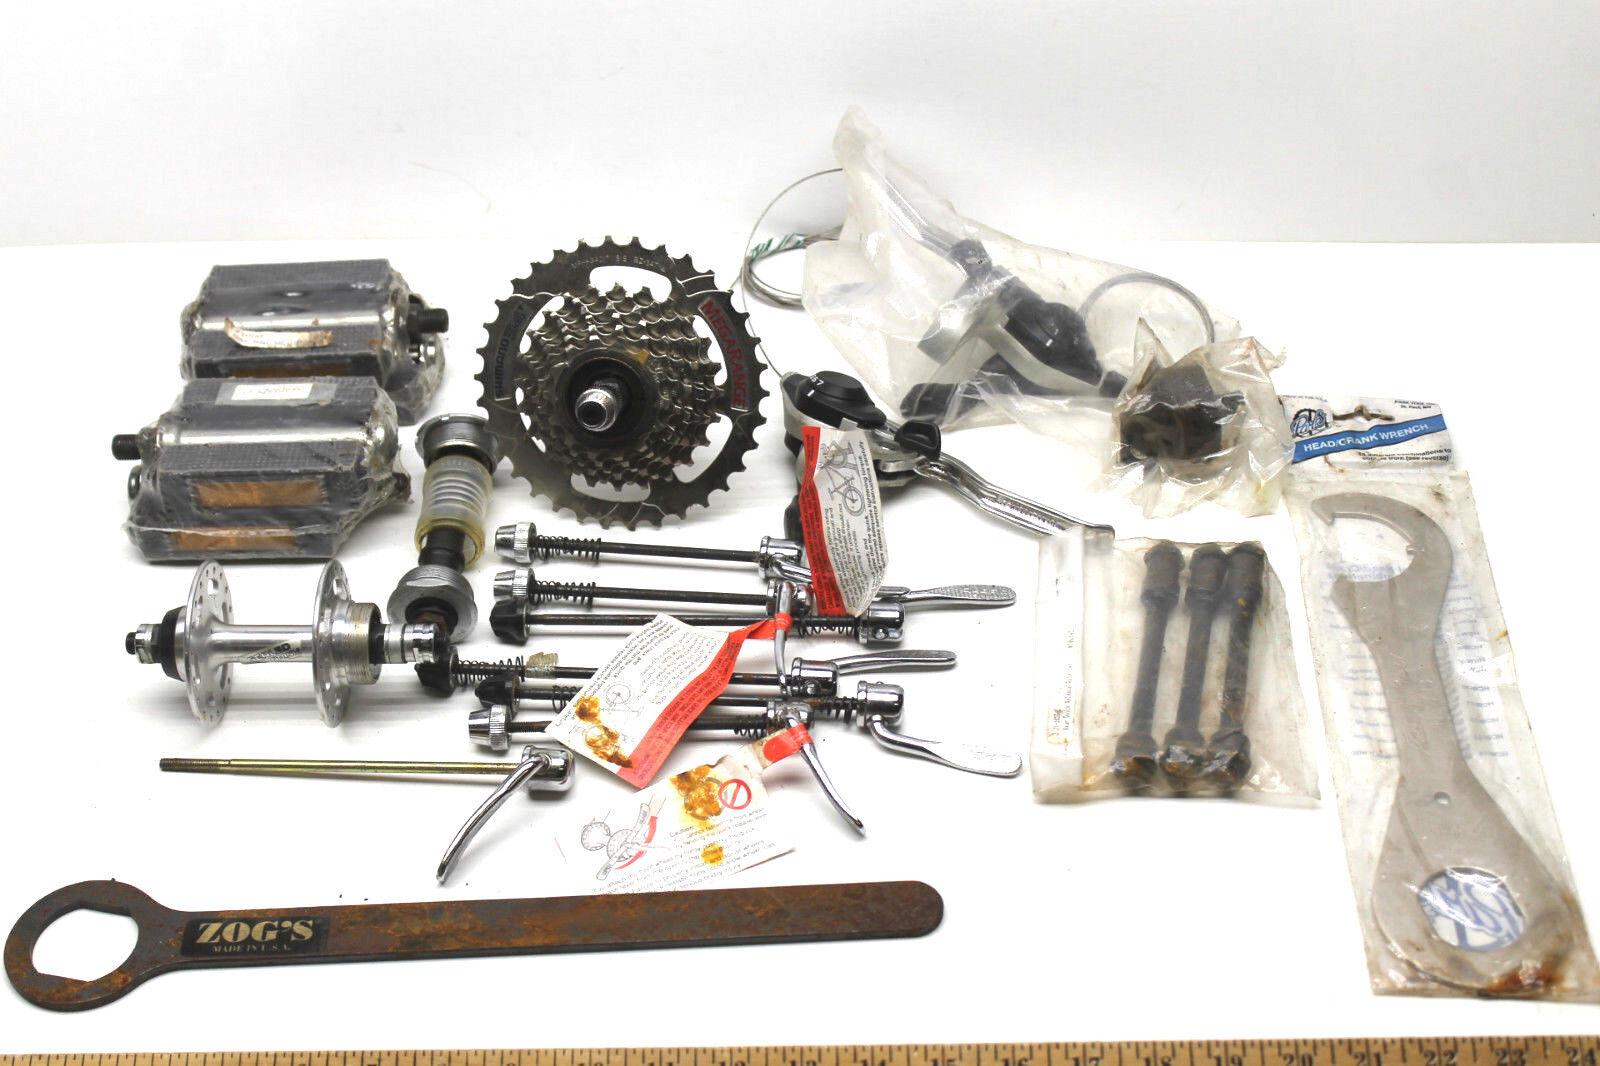 Frenos de Shimano Gear Cable de piezas de bicicleta Pedales componentes ejes Llave de 36mm + Zogs